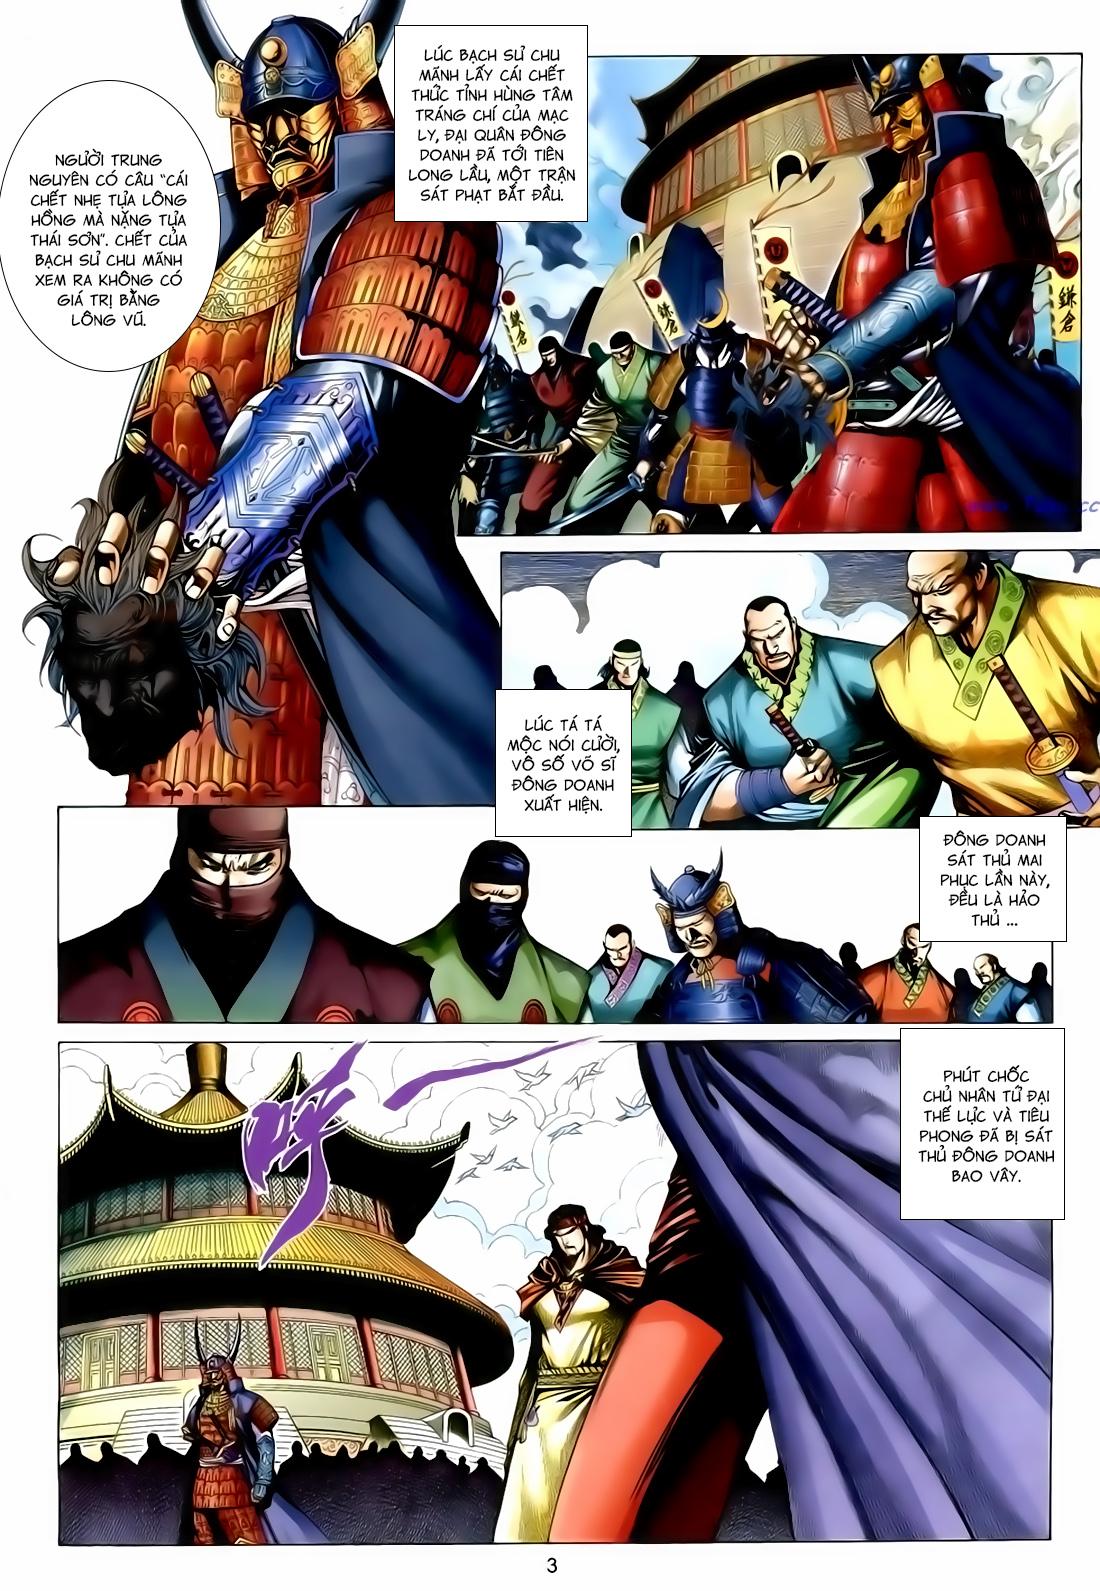 Anh Hùng Vô Lệ Chap 167 - Trang 3